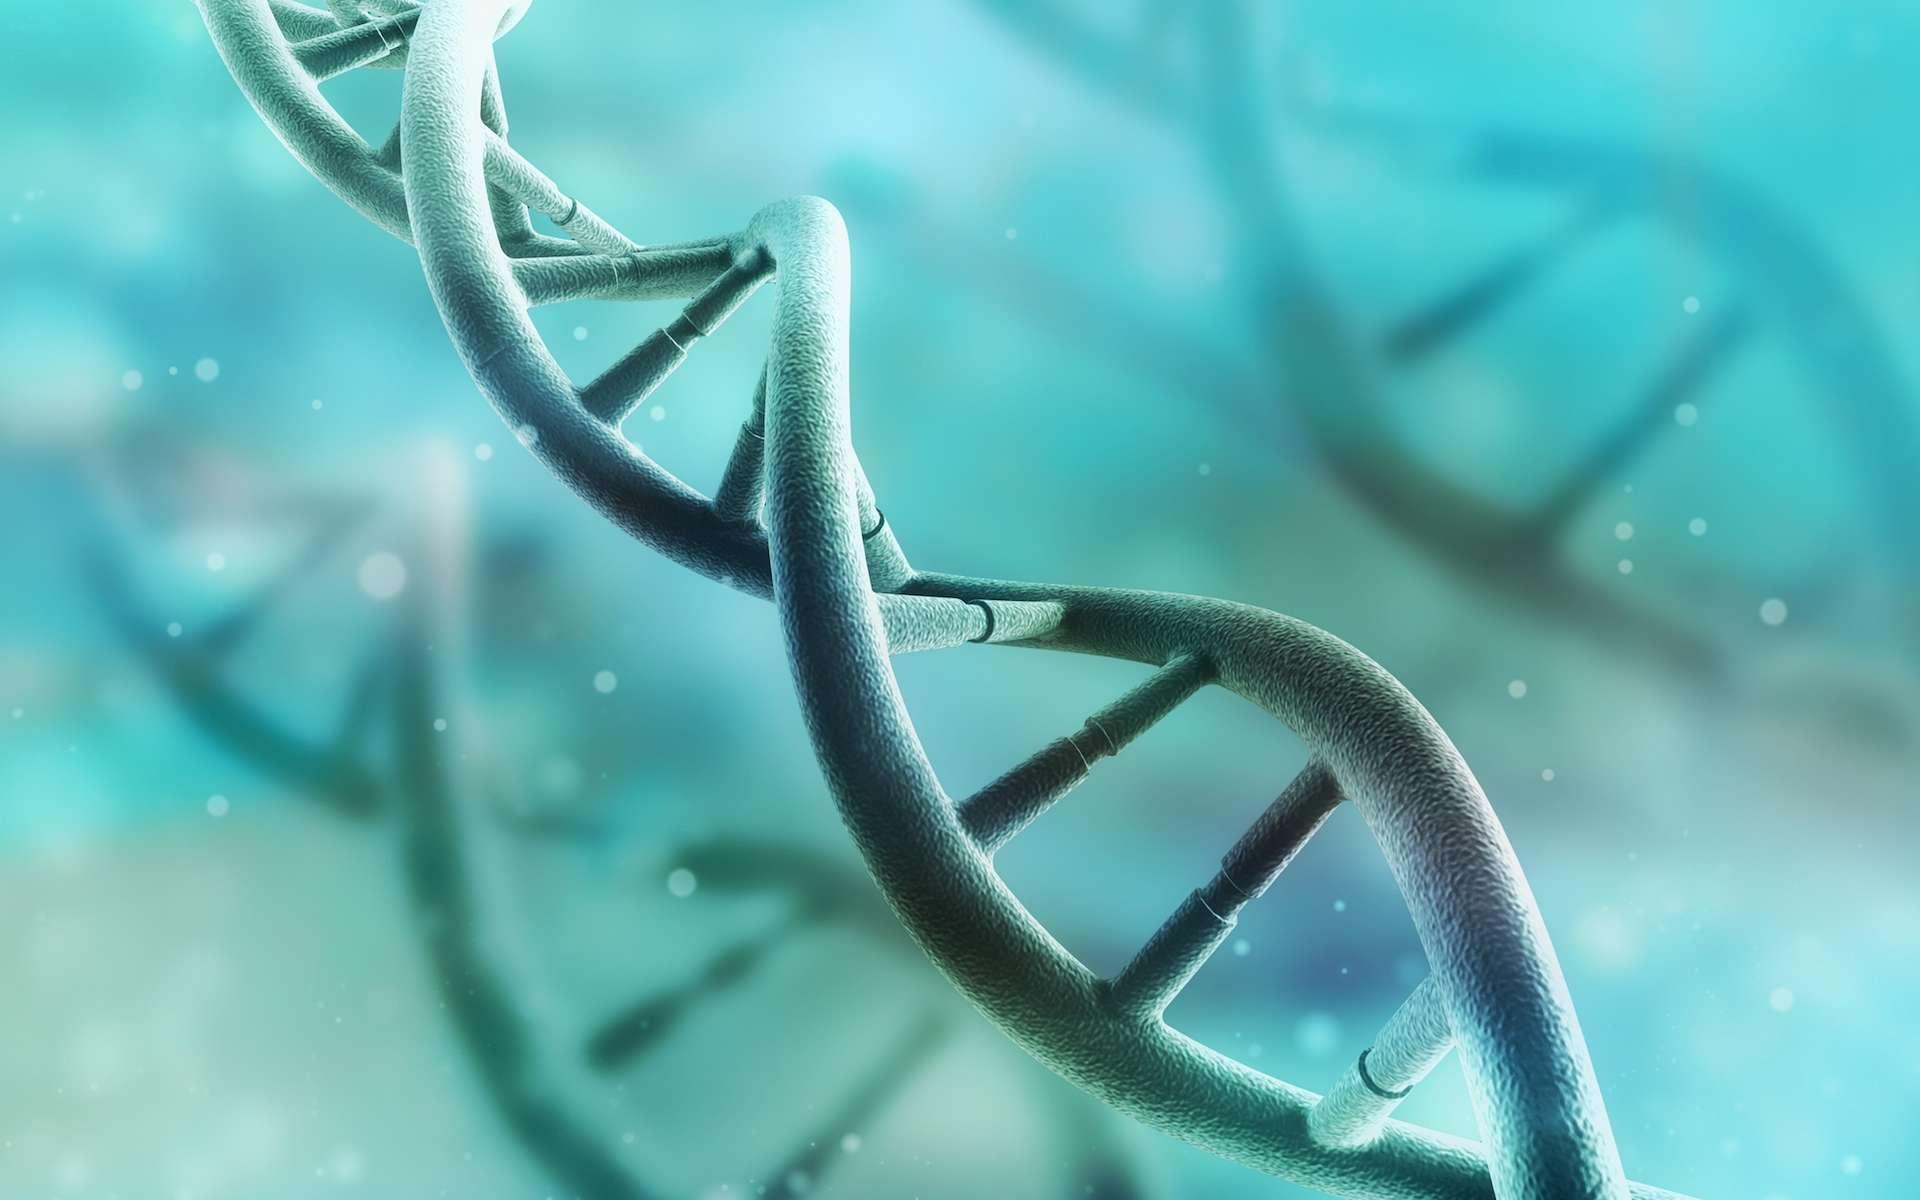 Au cours des dernières décennies, une recherche intense a mis en évidence des modifications chimiques des histones qui constituent un véritable langage instruisant la fonction des gènes associés. © adike, shutterstock.com